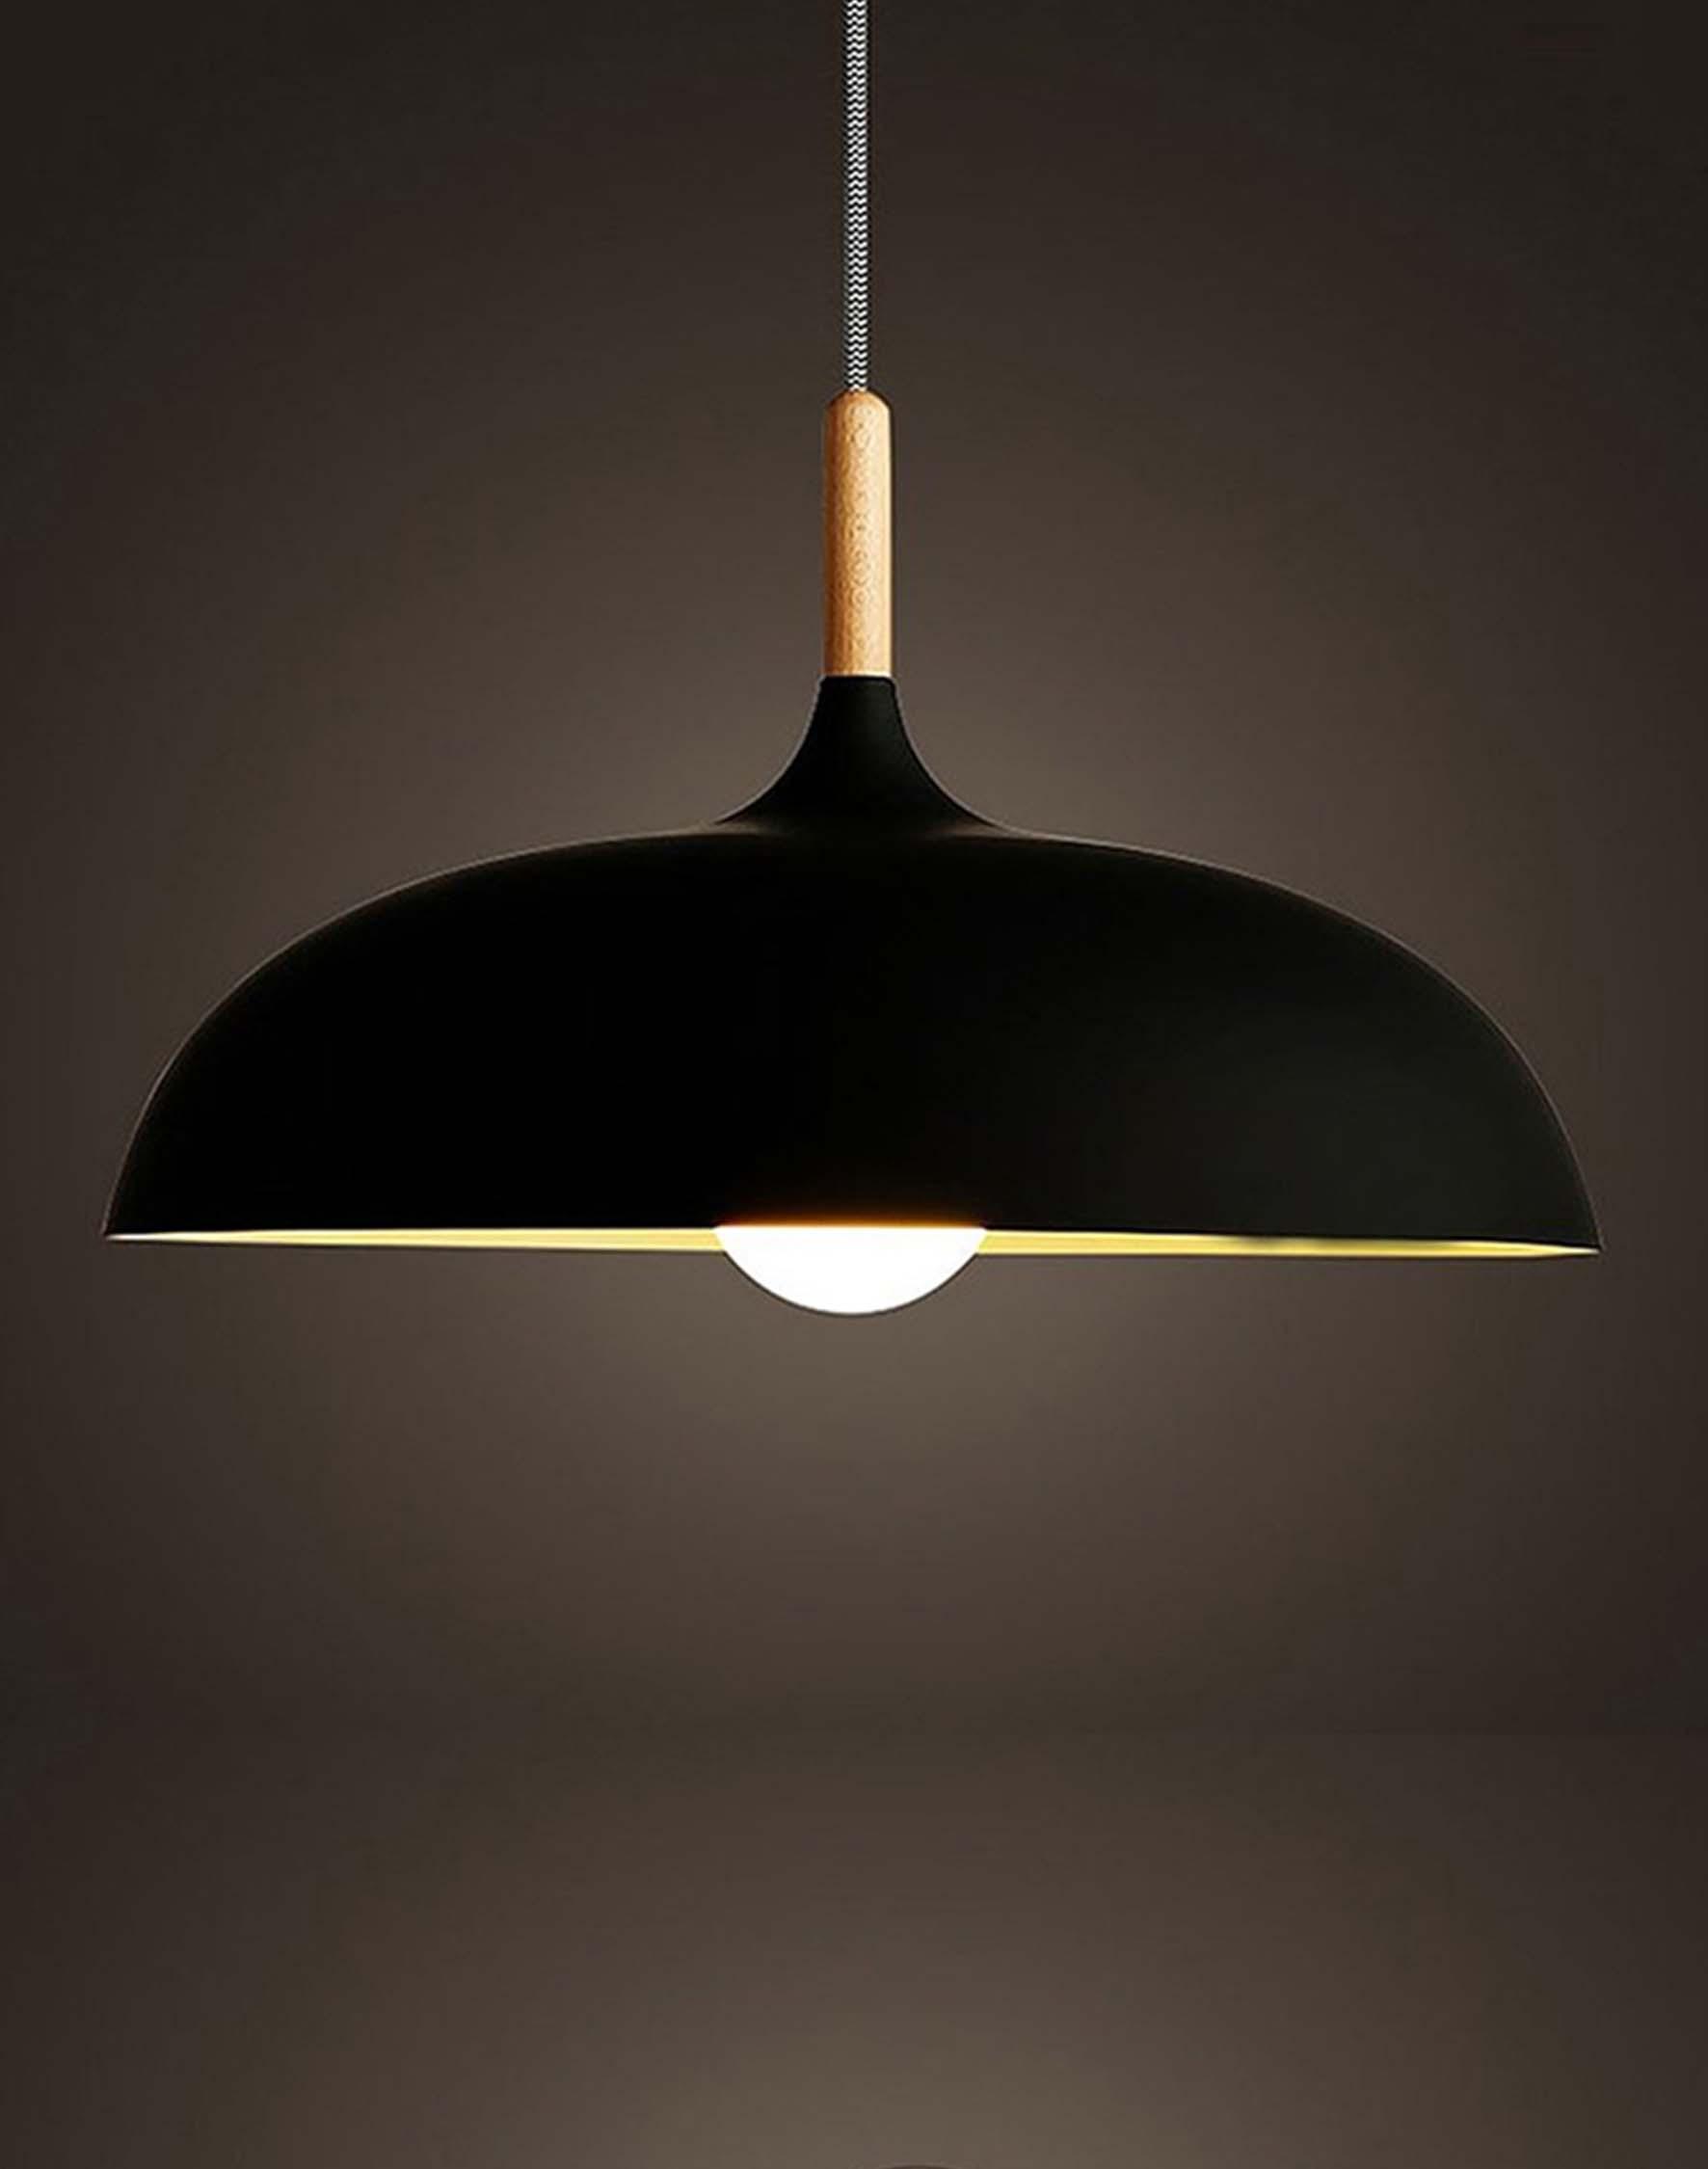 saucer-black